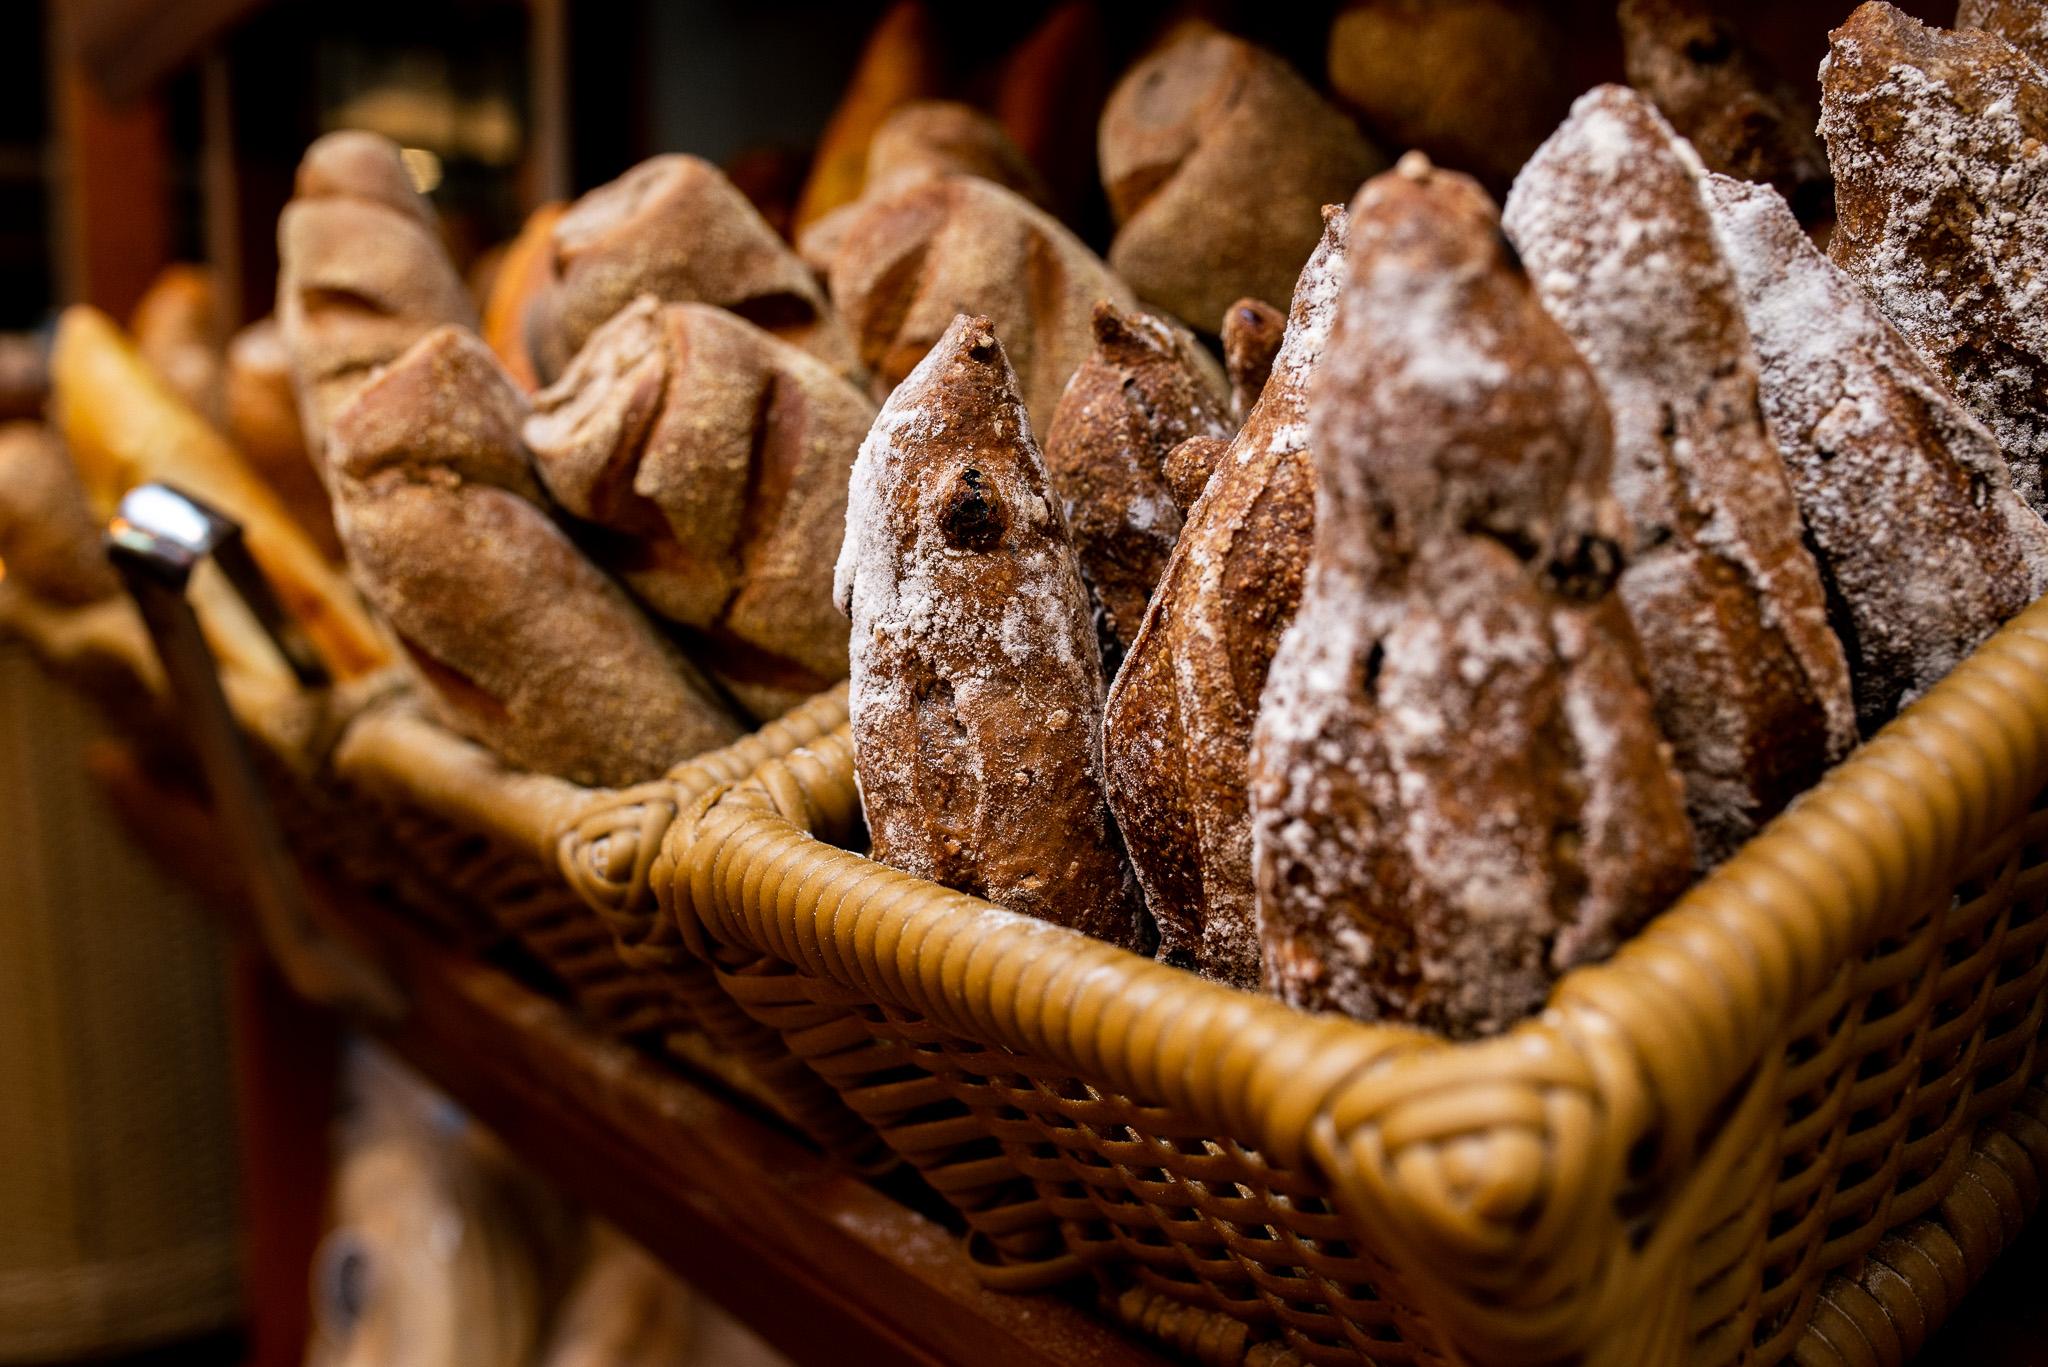 foto de pães artesanais de café com gotas de chocolate e polvilhados de farinha